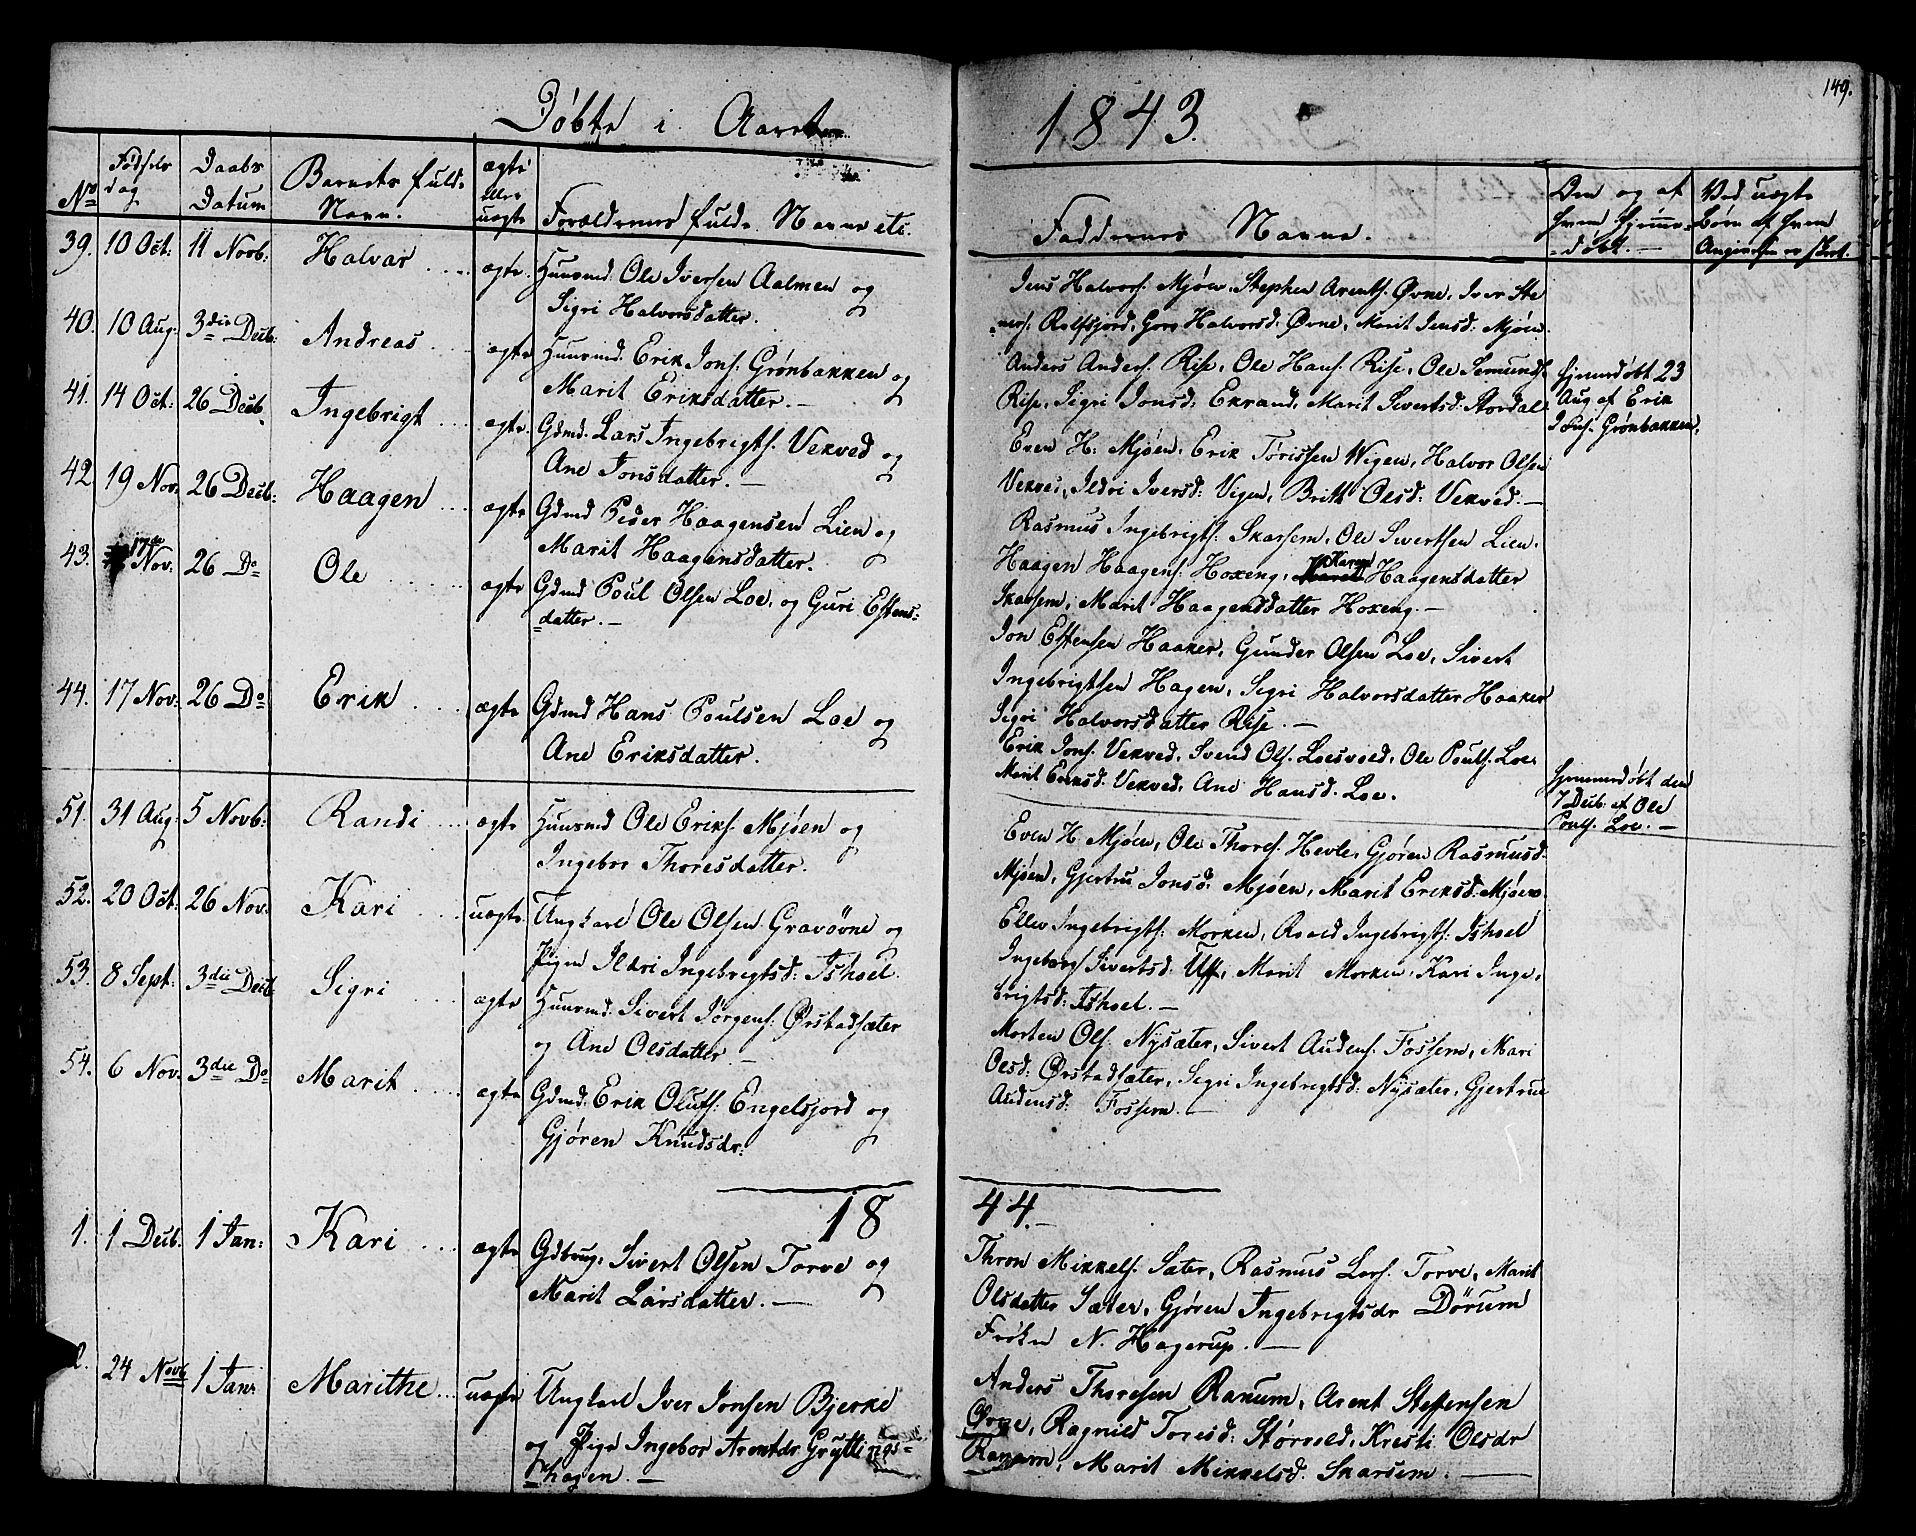 SAT, Ministerialprotokoller, klokkerbøker og fødselsregistre - Sør-Trøndelag, 678/L0897: Ministerialbok nr. 678A06-07, 1821-1847, s. 149